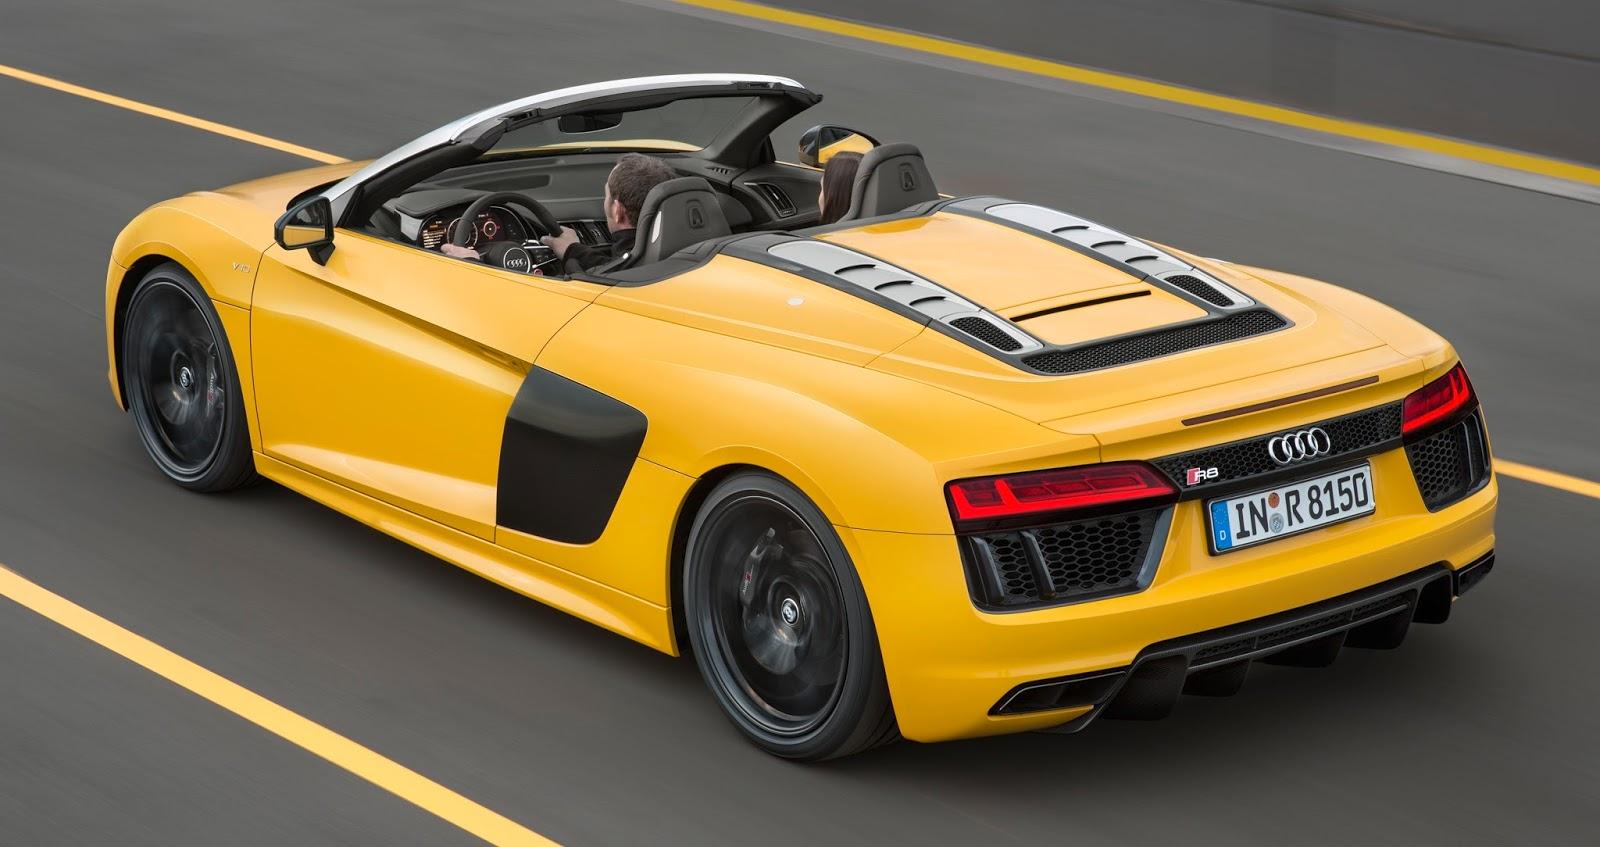 98 Mustang Gt >> Audi revela nova geração do R8 Spyder